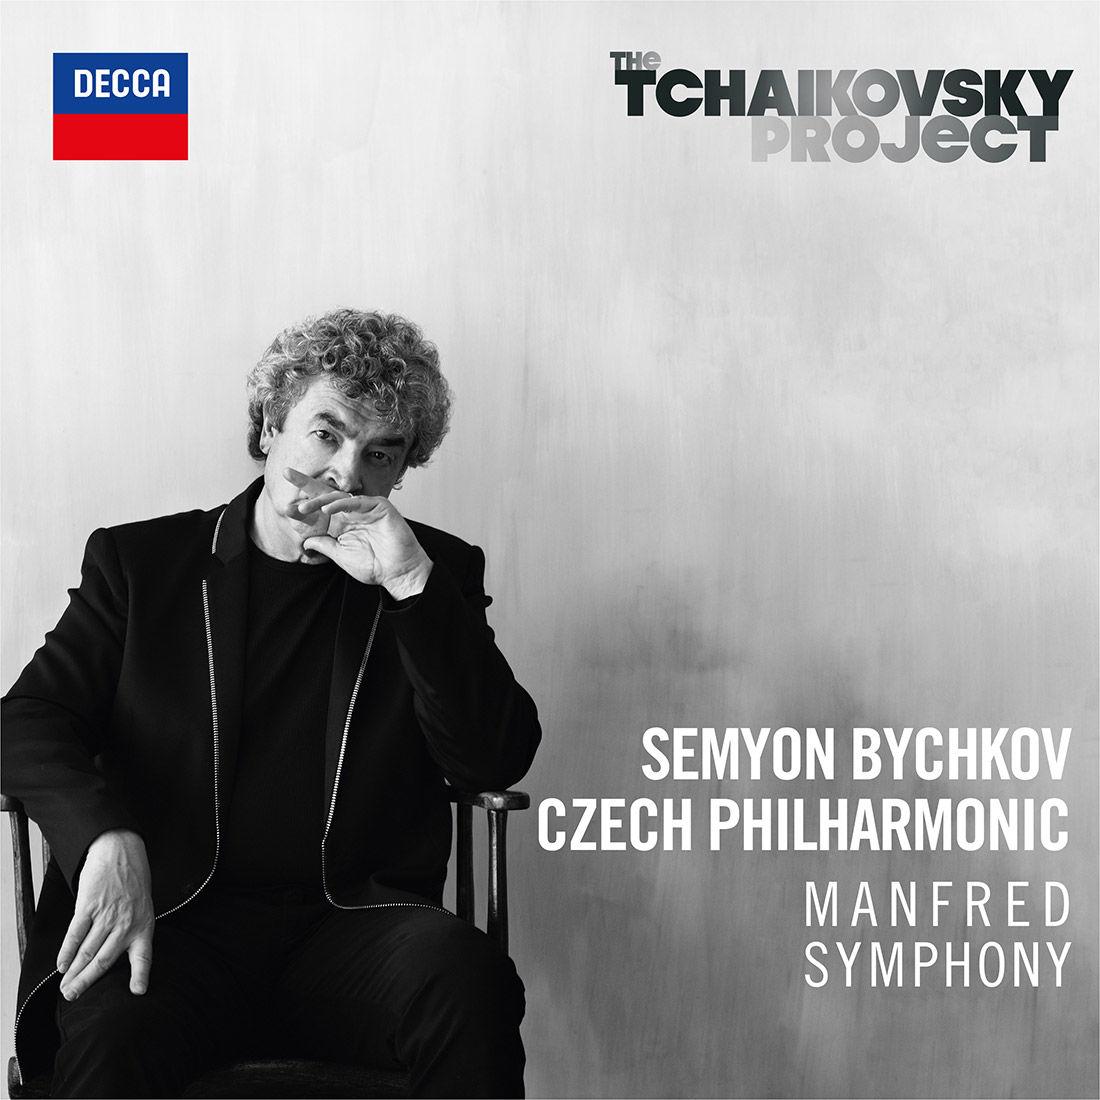 Semyon Bychkov, Tchaikovsky, Manfred